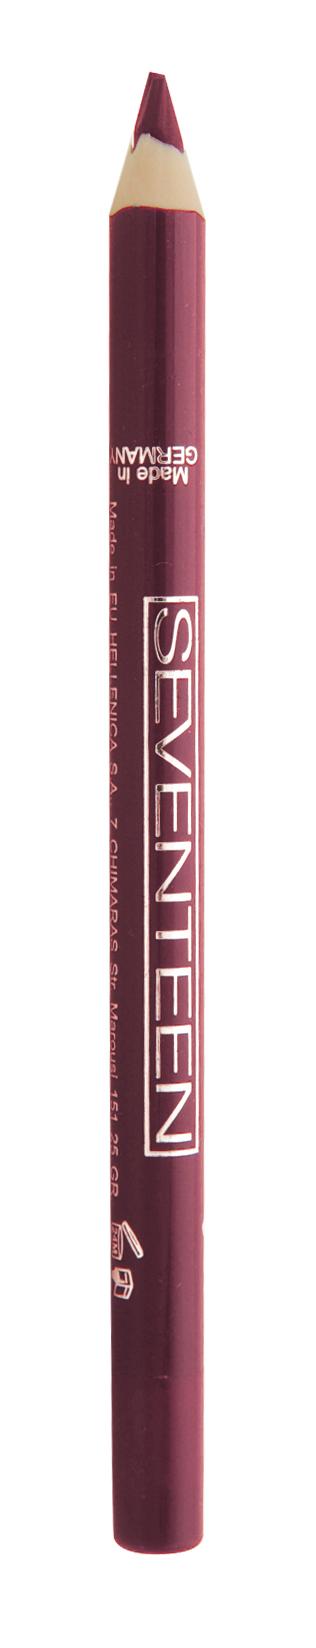 SEVENTEEN Карандаш для губ водостойкий с витамином Е, 15 кроваво красный / Super Smooth W/P Lip Liner 1,2 г косметические карандаши seventeen карандаш для губ водостойкий с витамином е super smooth w p lip liner 32